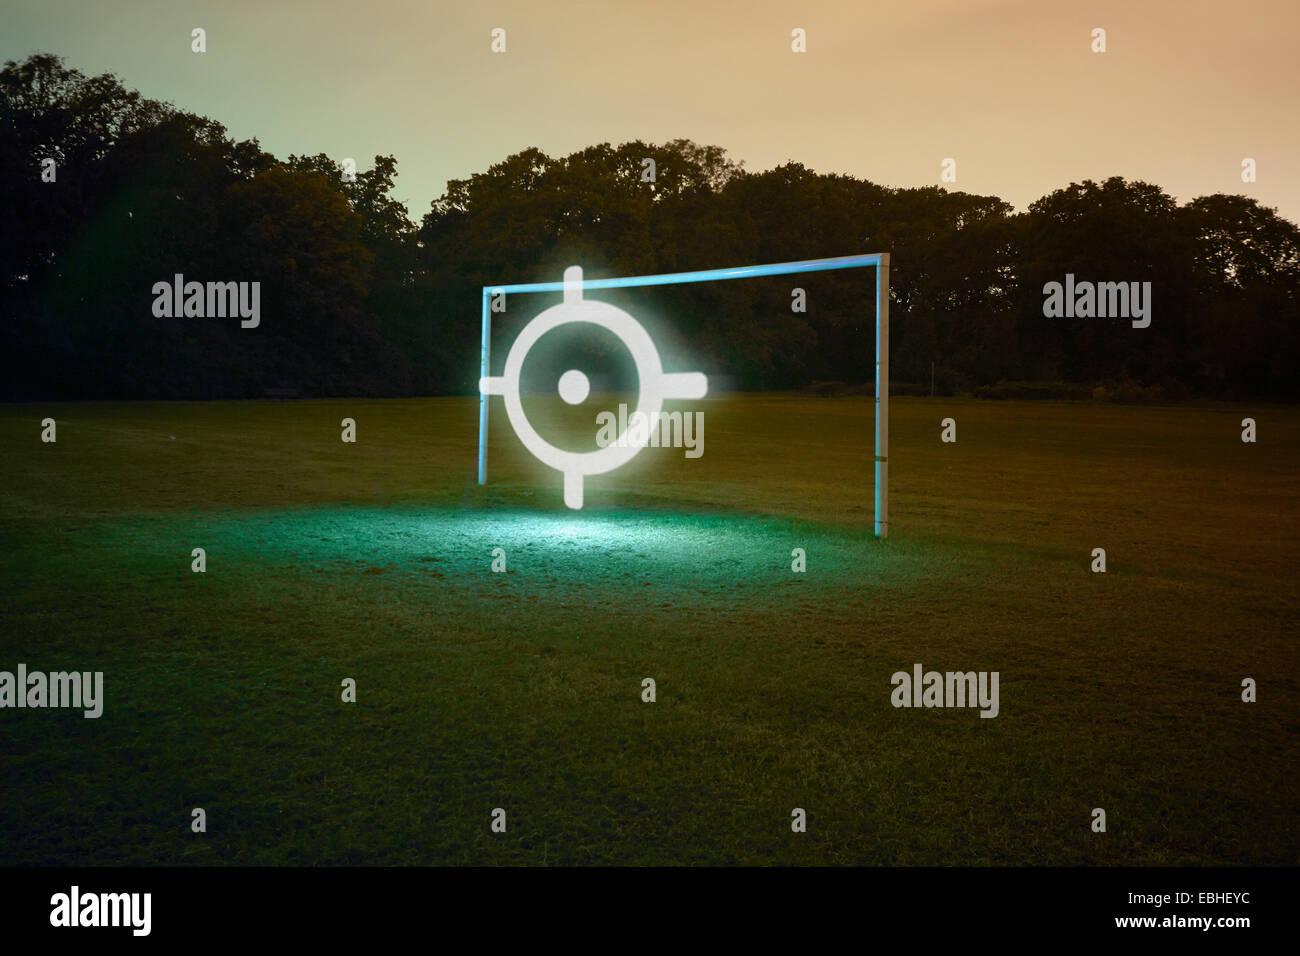 Obiettivo di calcio con target illuminato il simbolo Immagini Stock